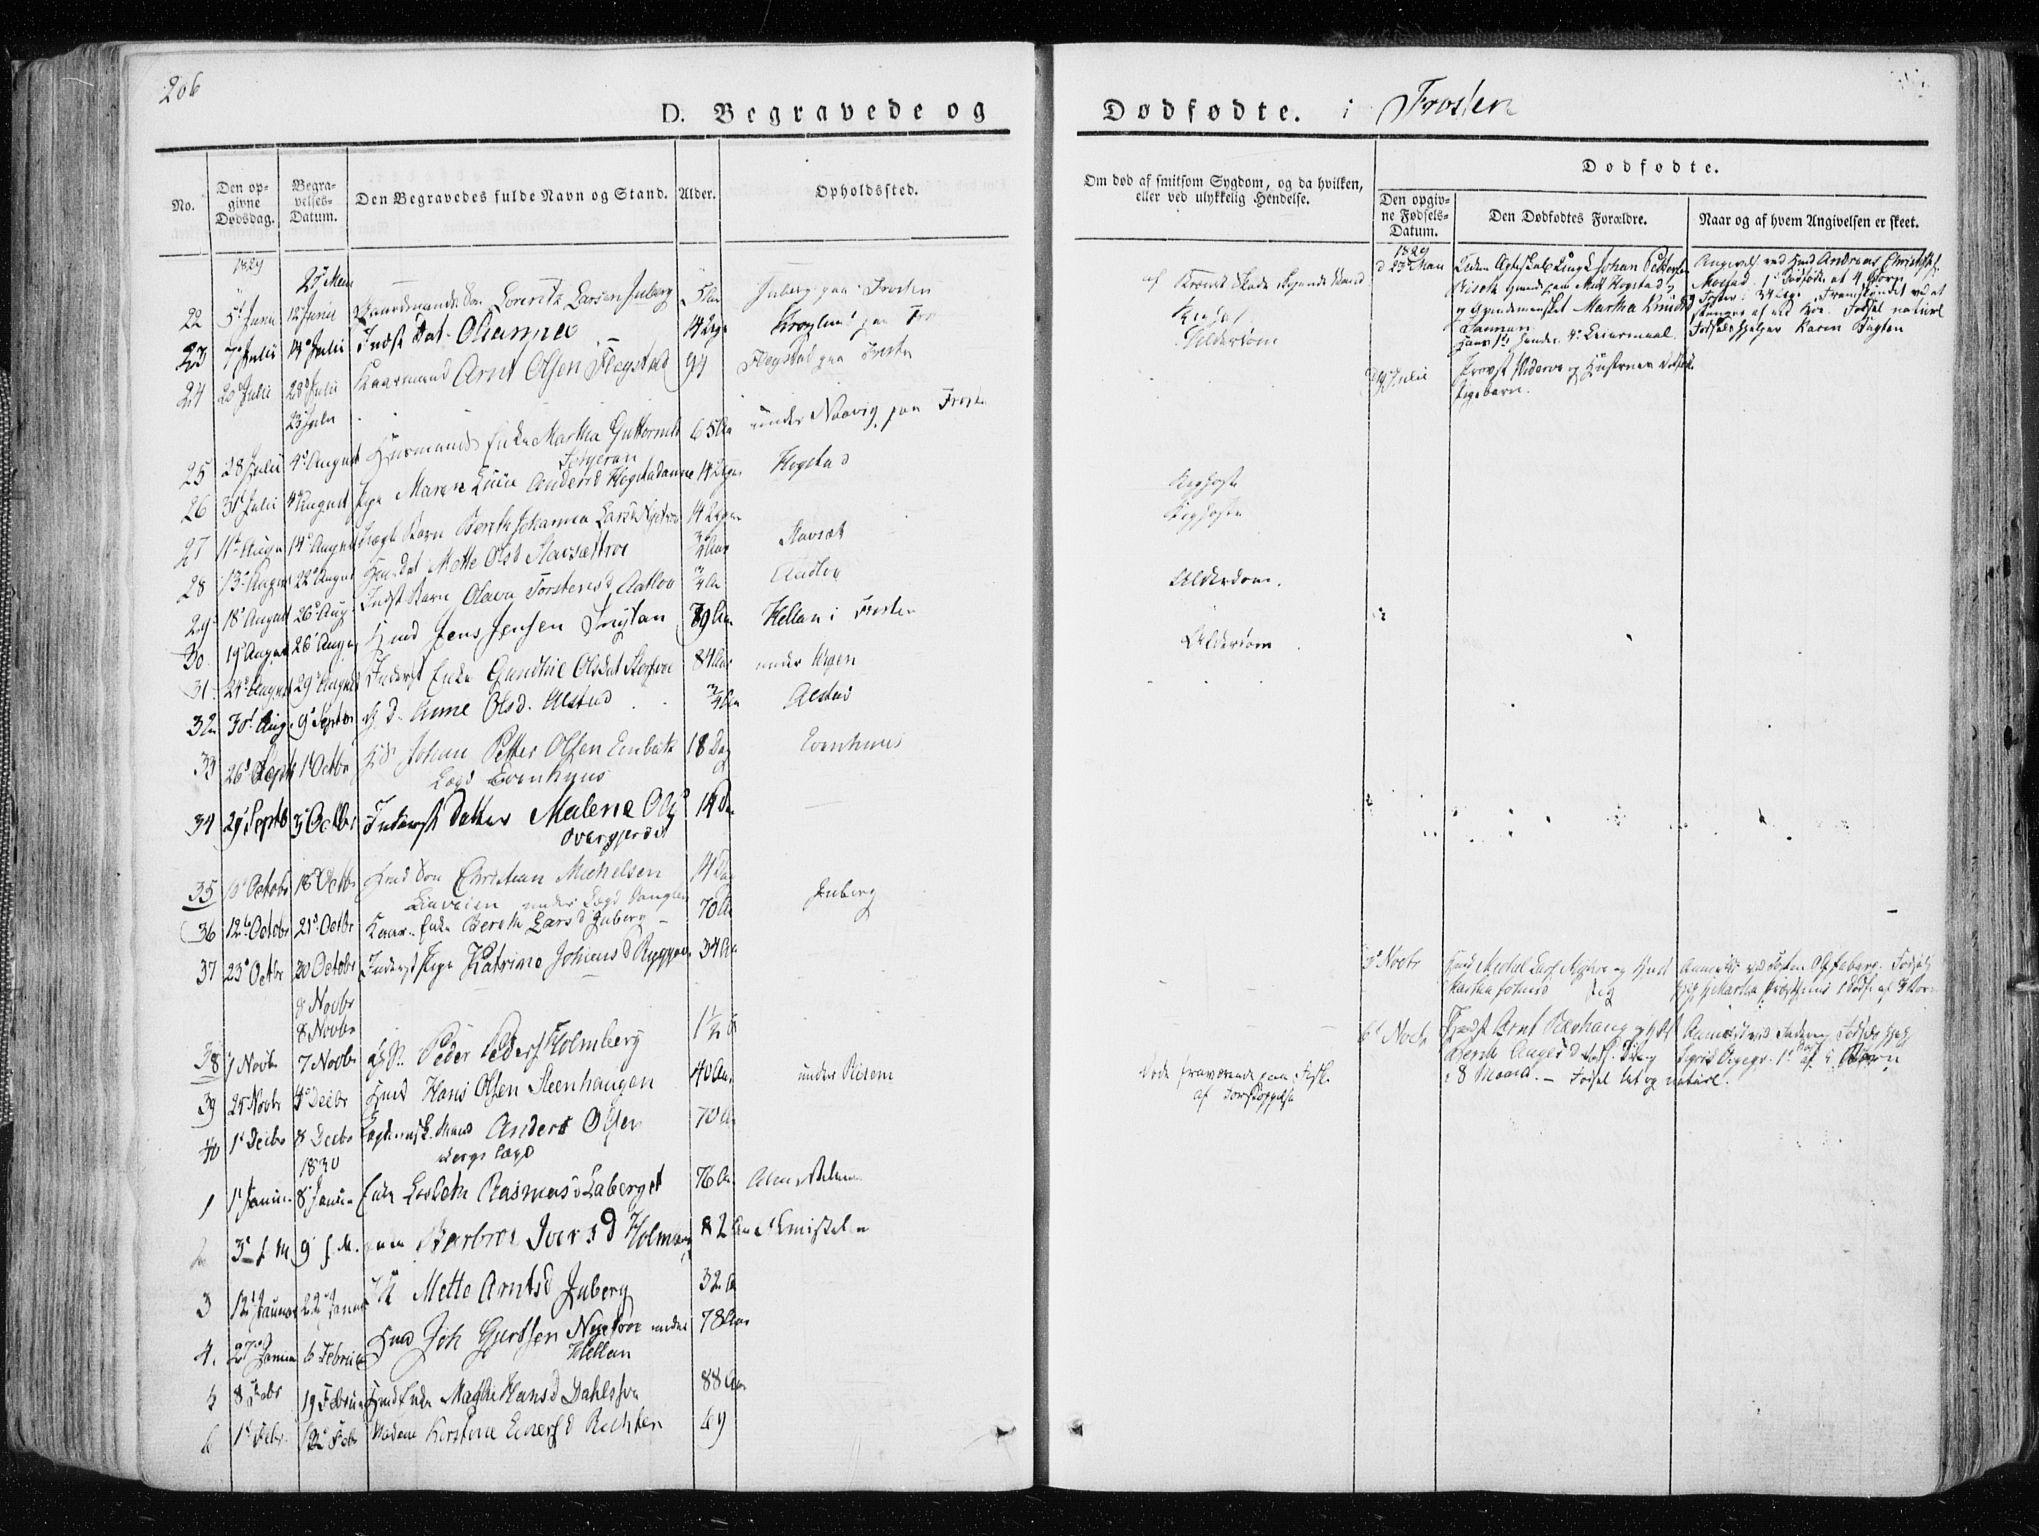 SAT, Ministerialprotokoller, klokkerbøker og fødselsregistre - Nord-Trøndelag, 713/L0114: Ministerialbok nr. 713A05, 1827-1839, s. 206